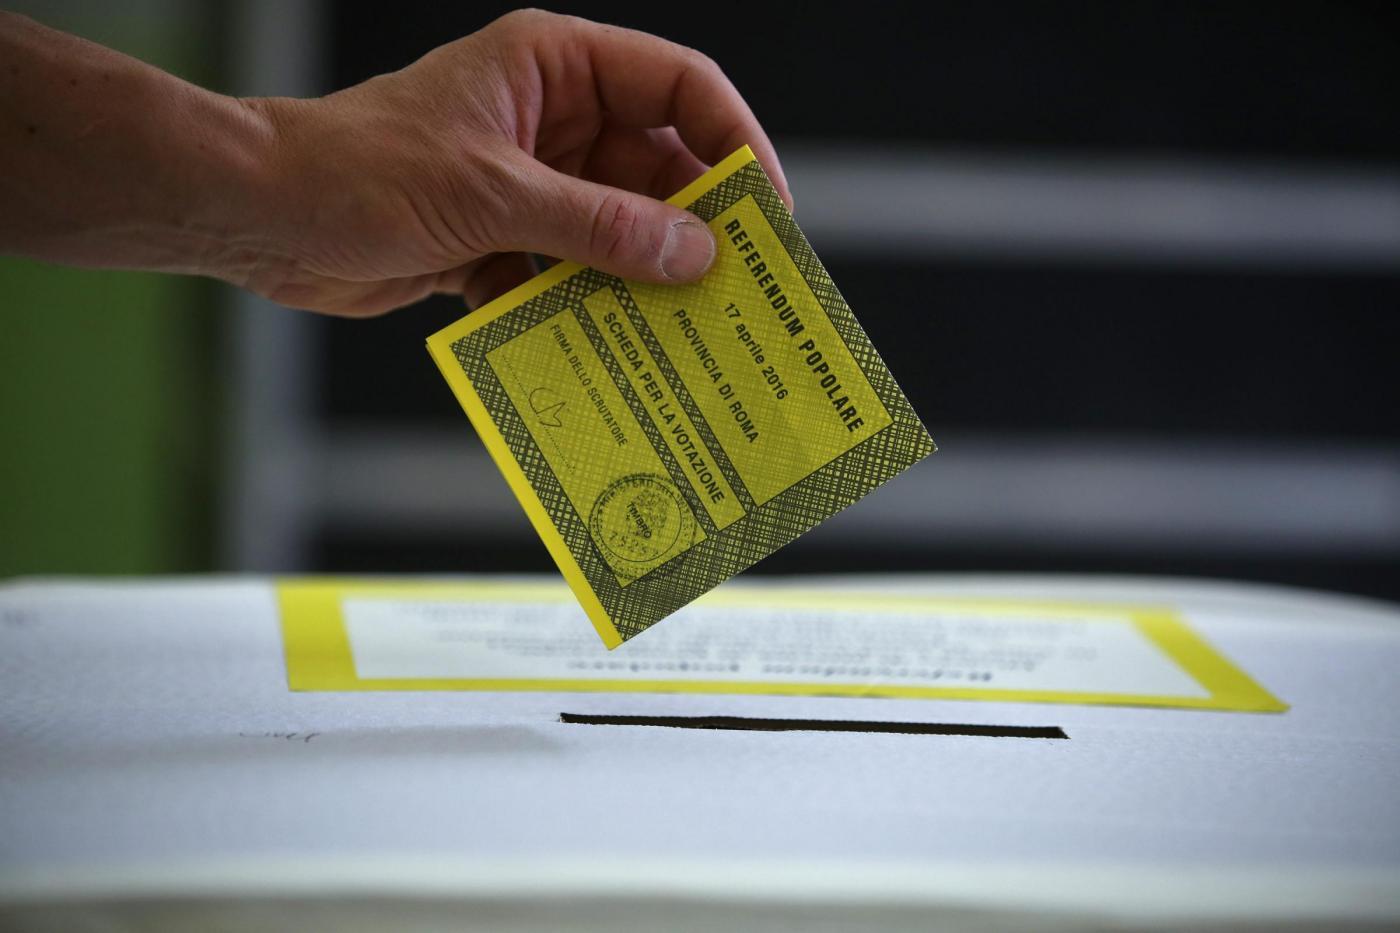 Referendum trivelle: affluenza e risultati regione per regione